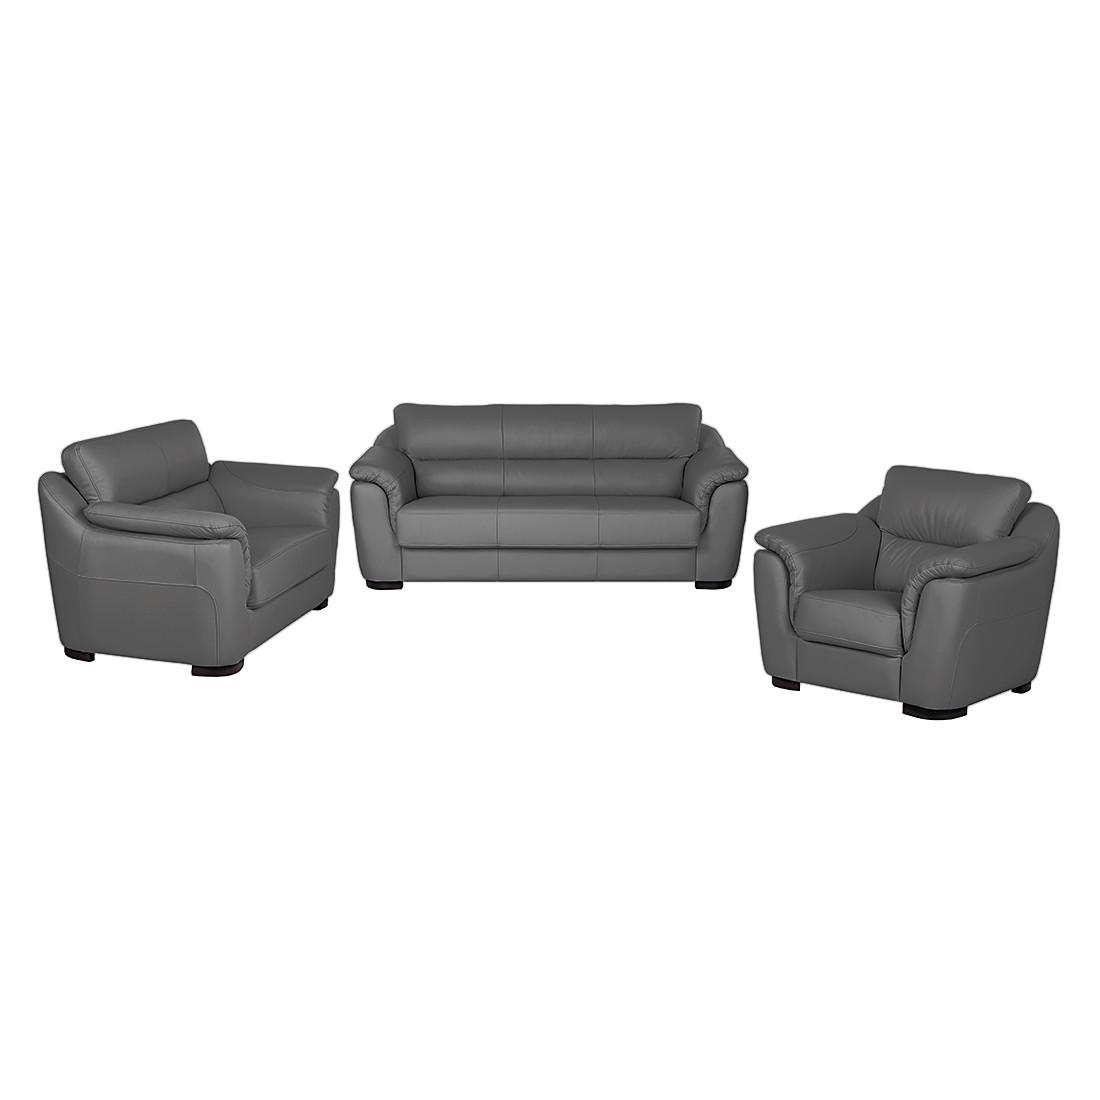 Bankenset Alzira (3-zitsbank, 2-zitsbank en fauteuil) - antracietkleurig leer, Nuovoform